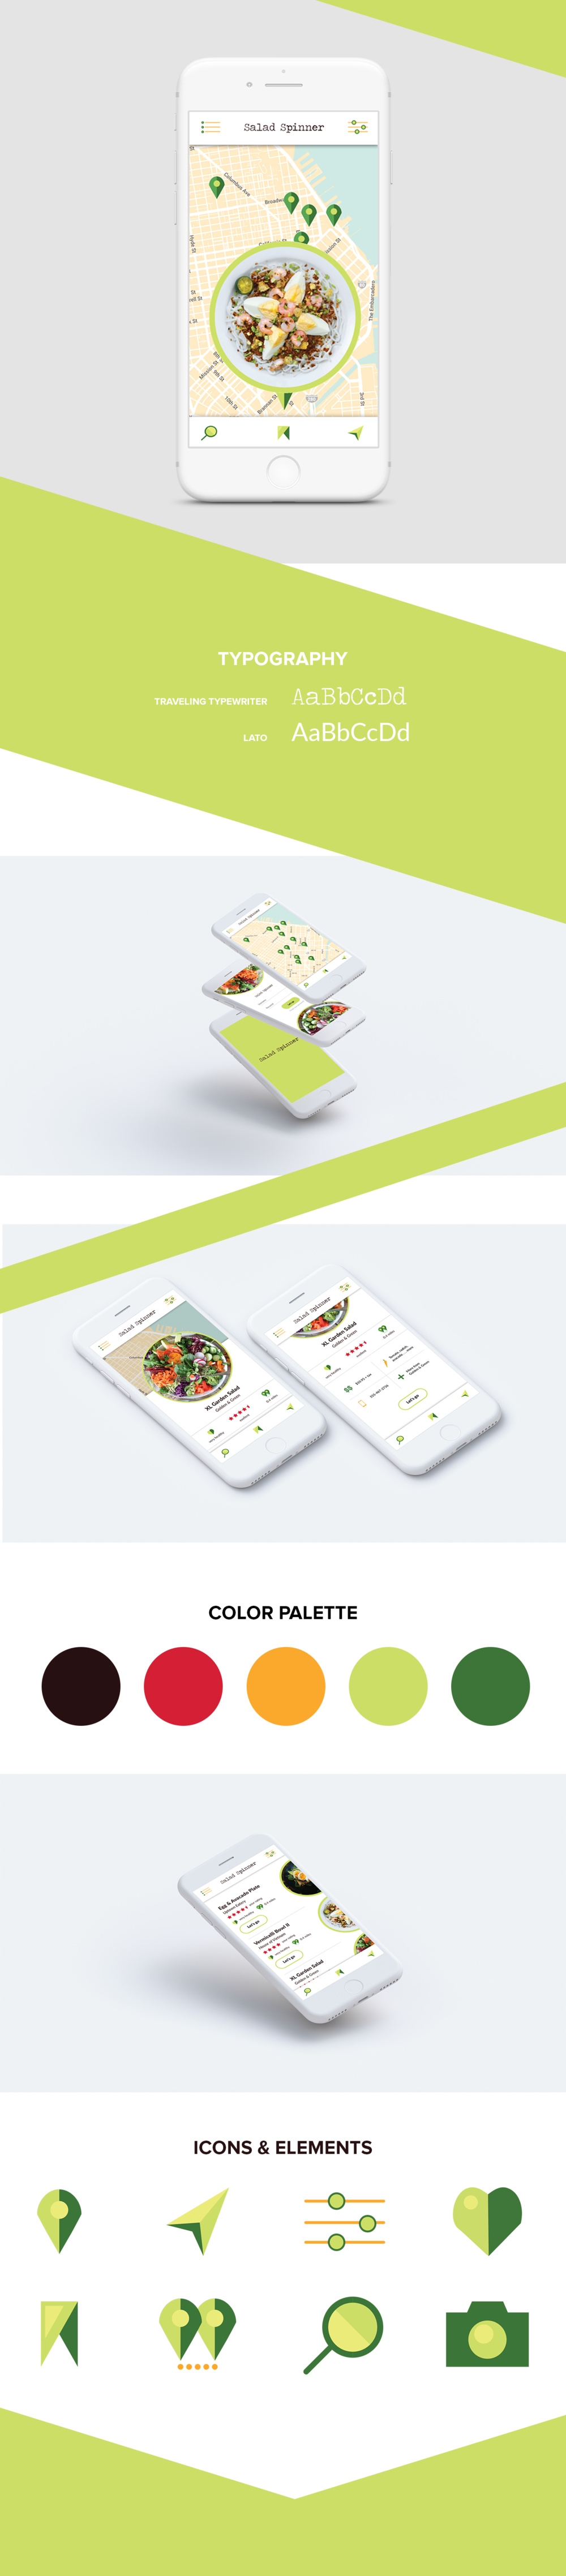 Salad Spinner UI Design.png